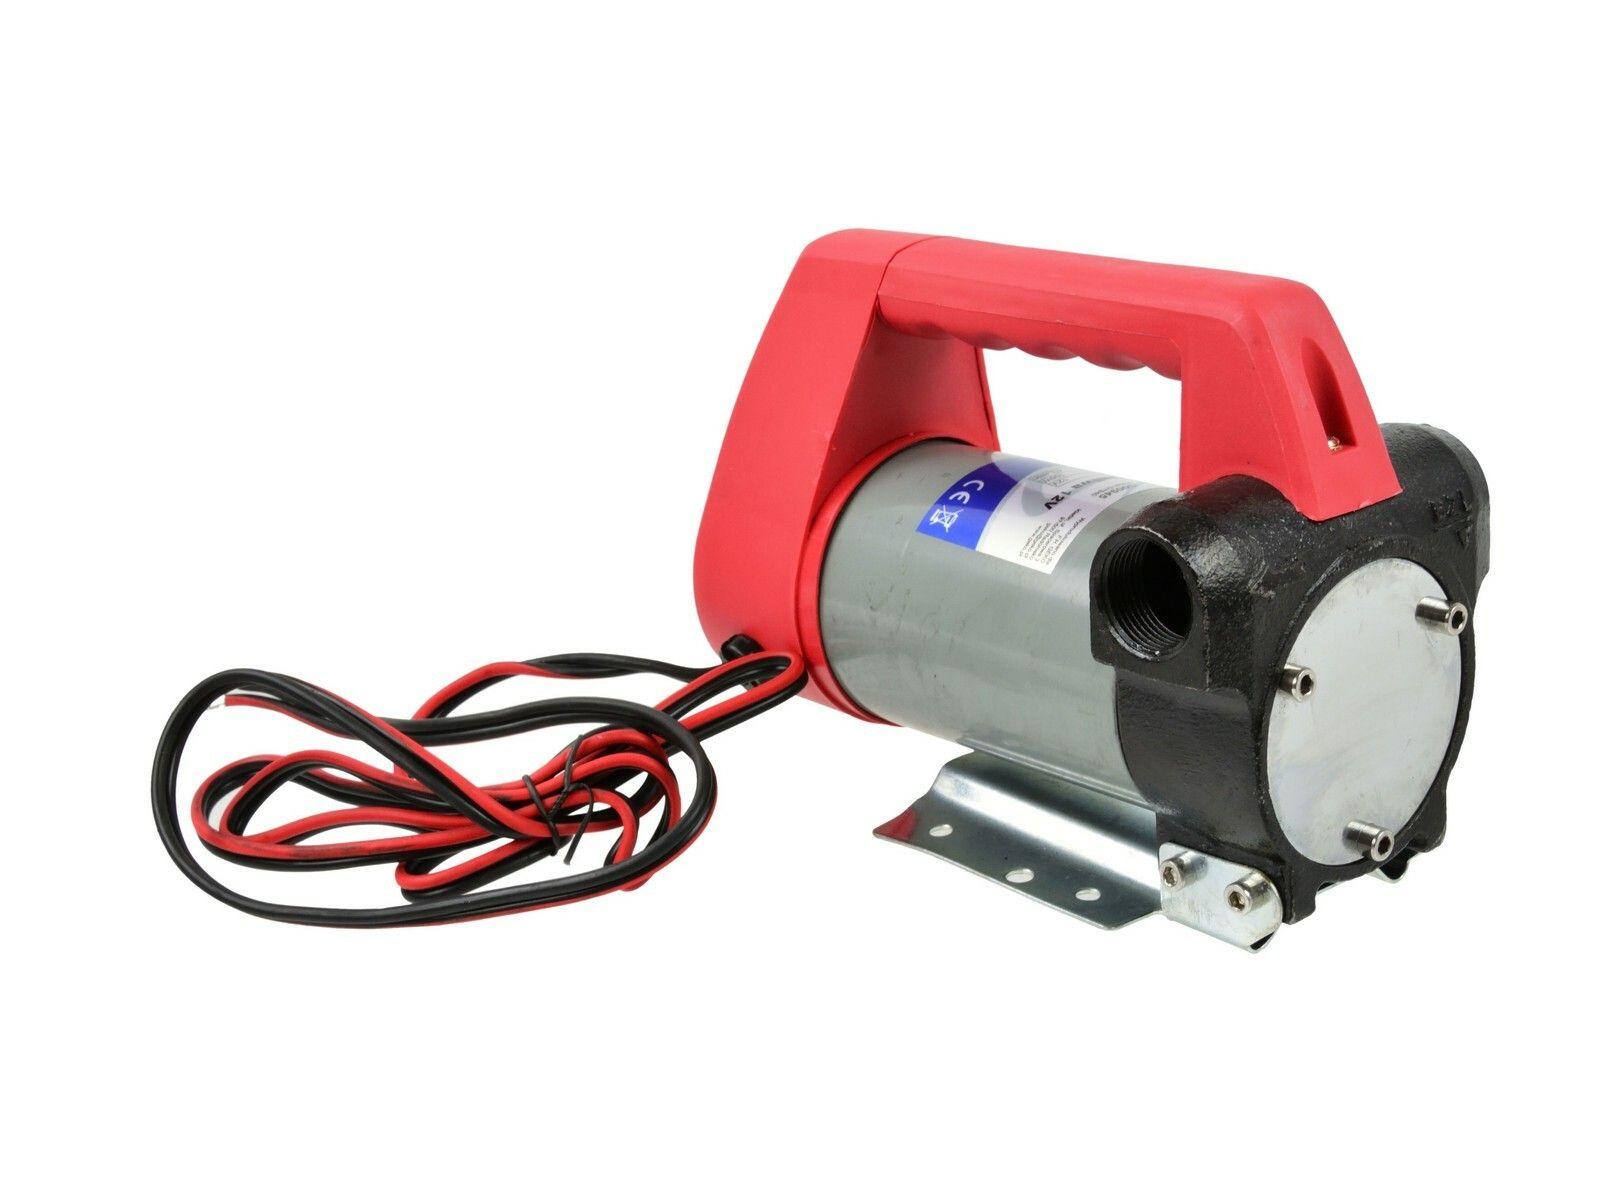 Čerpadlo na naftu, 12V, 155W, 40l/min, plastová rukojeť